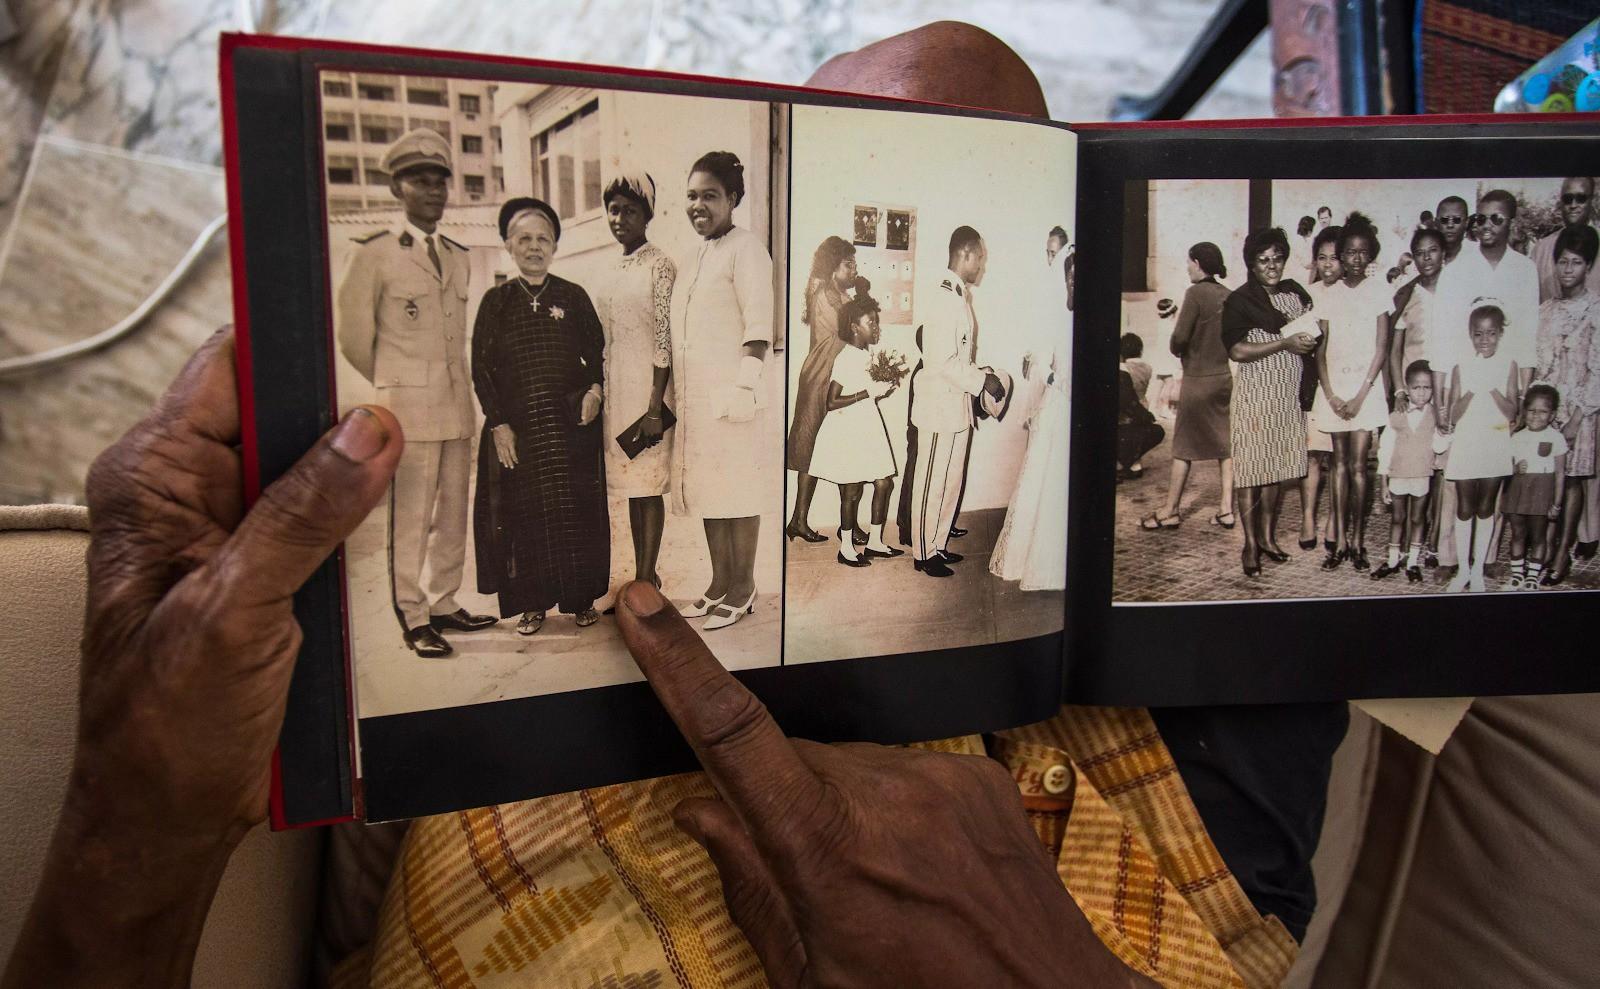 Chuyện cuốn chả giò du nhập Tây Phi: Được phụ nữ Việt quảng bá xứ người, chinh phục thực khách phương xa nhưng mất đi cội nguồn - Ảnh 2.